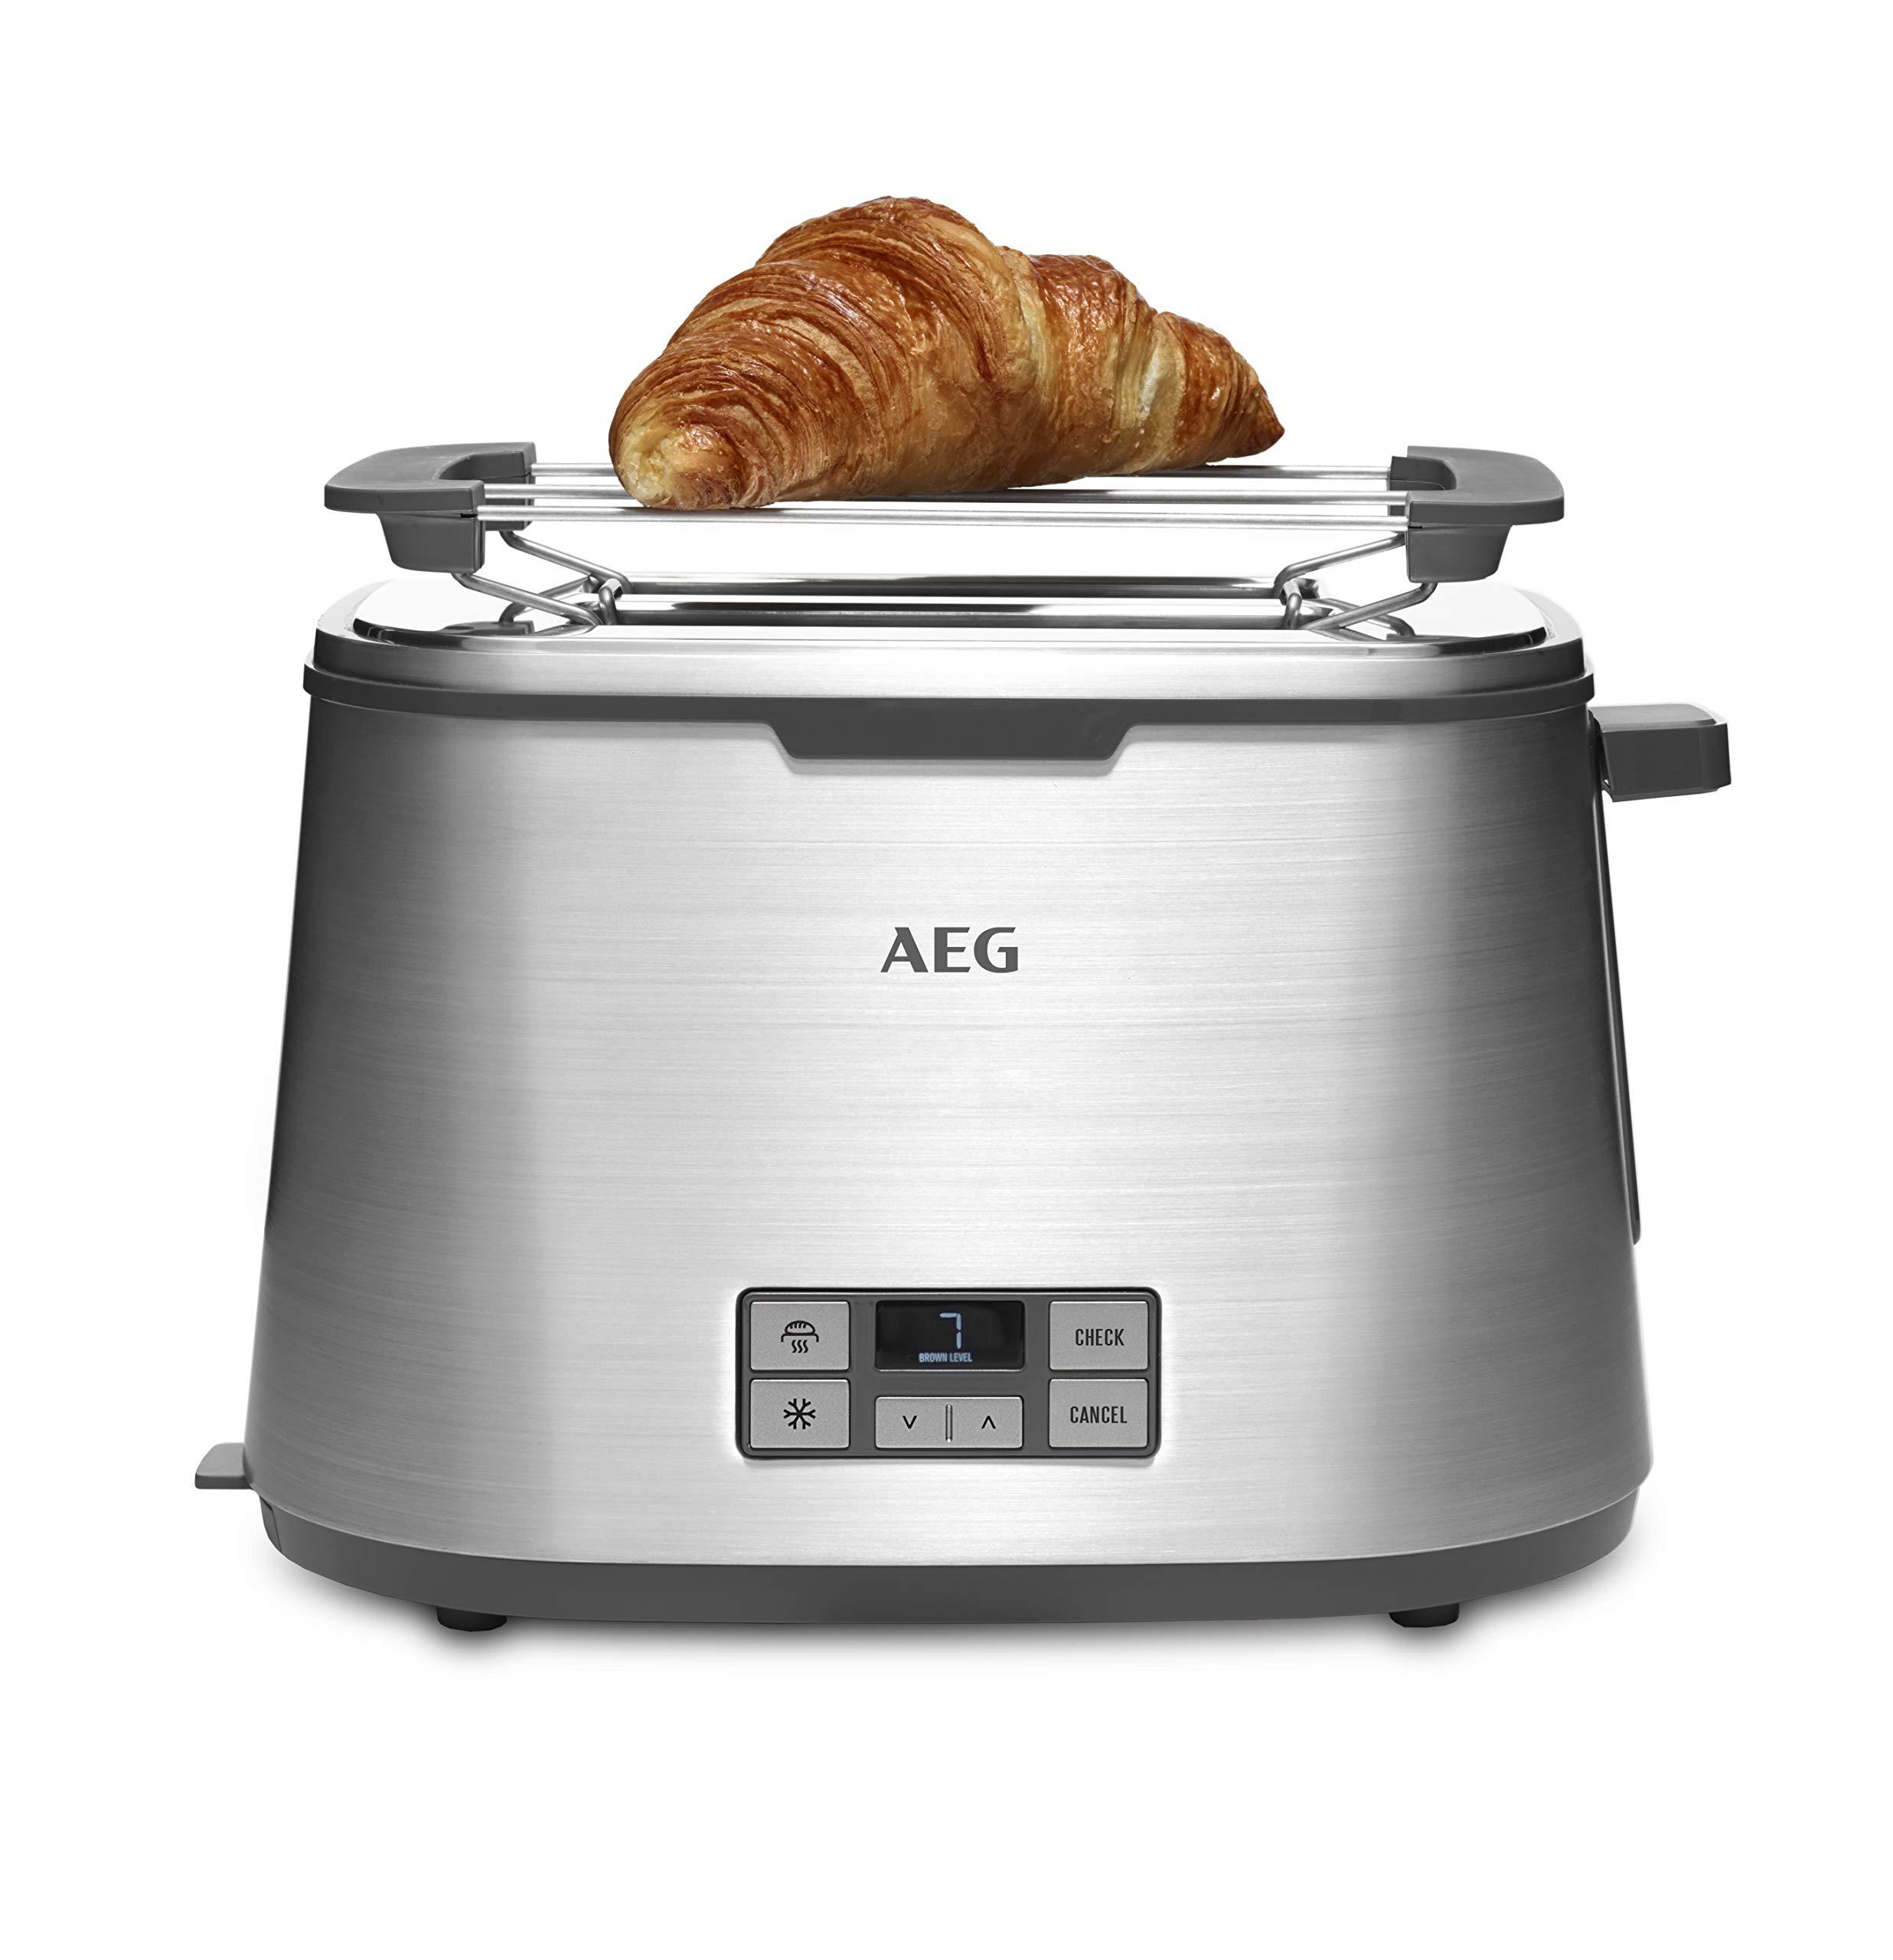 AEG-Toaster-PremiumLine-7Series-AT-7800-HighContrast-LCD-DisplayCountdown-Toasten-7-BrunungsgradeBrtchenaufsatz-2-ScheibenEdelstahl